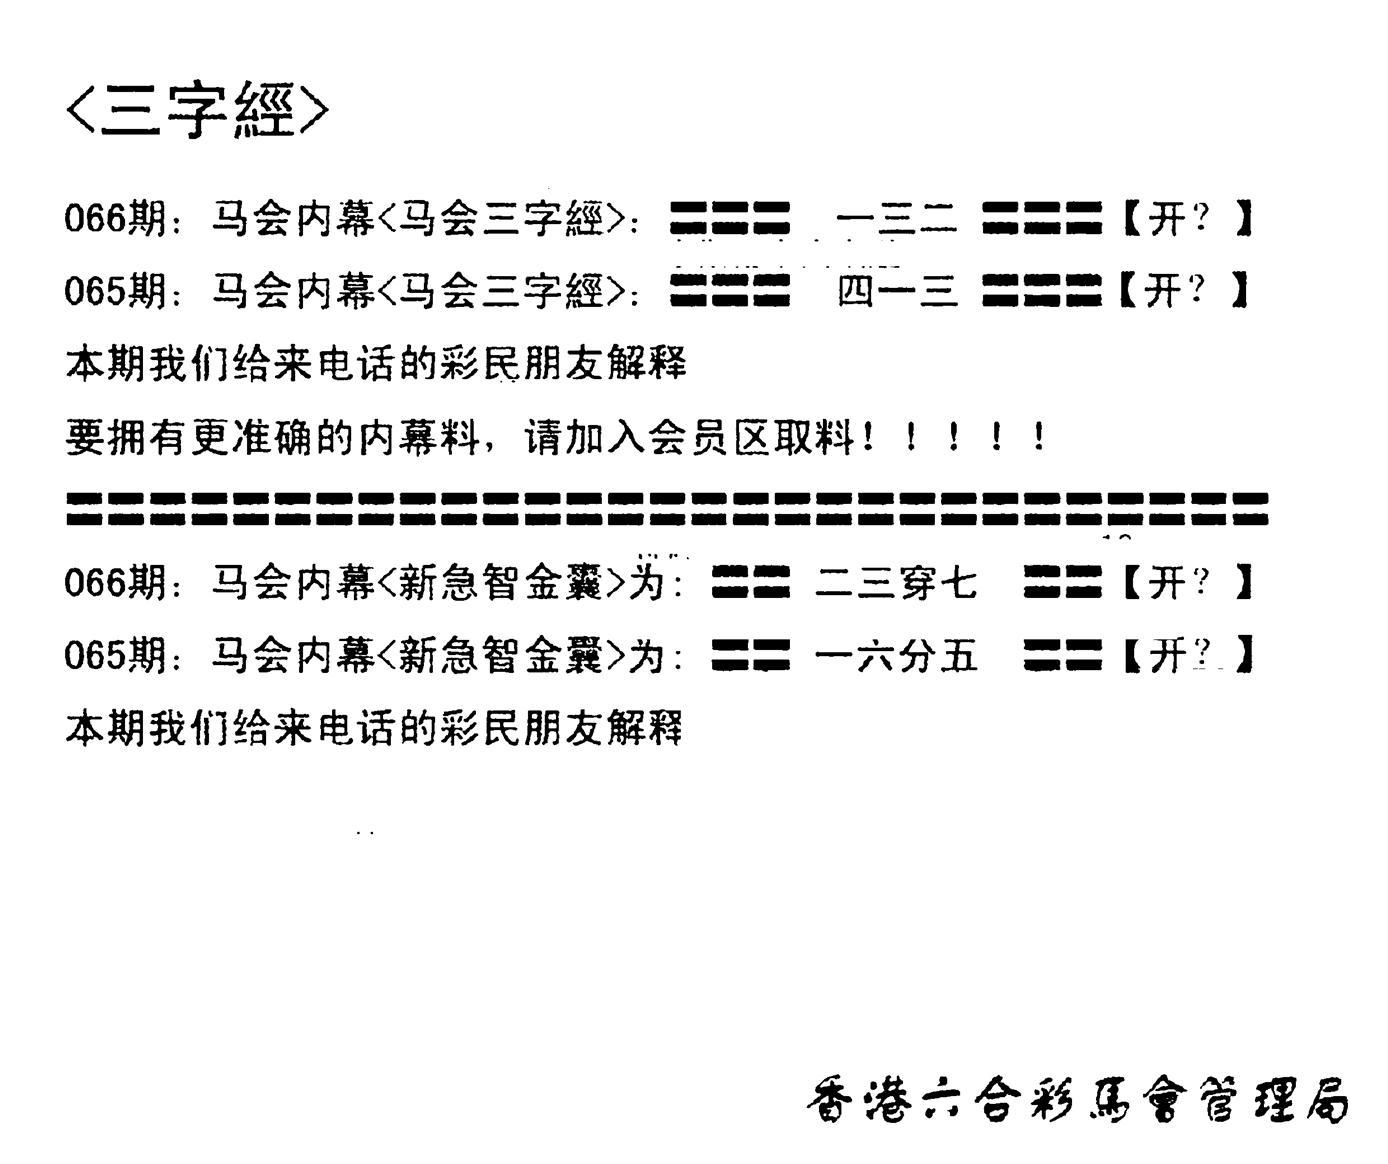 066期电脑版(早版)(黑白)